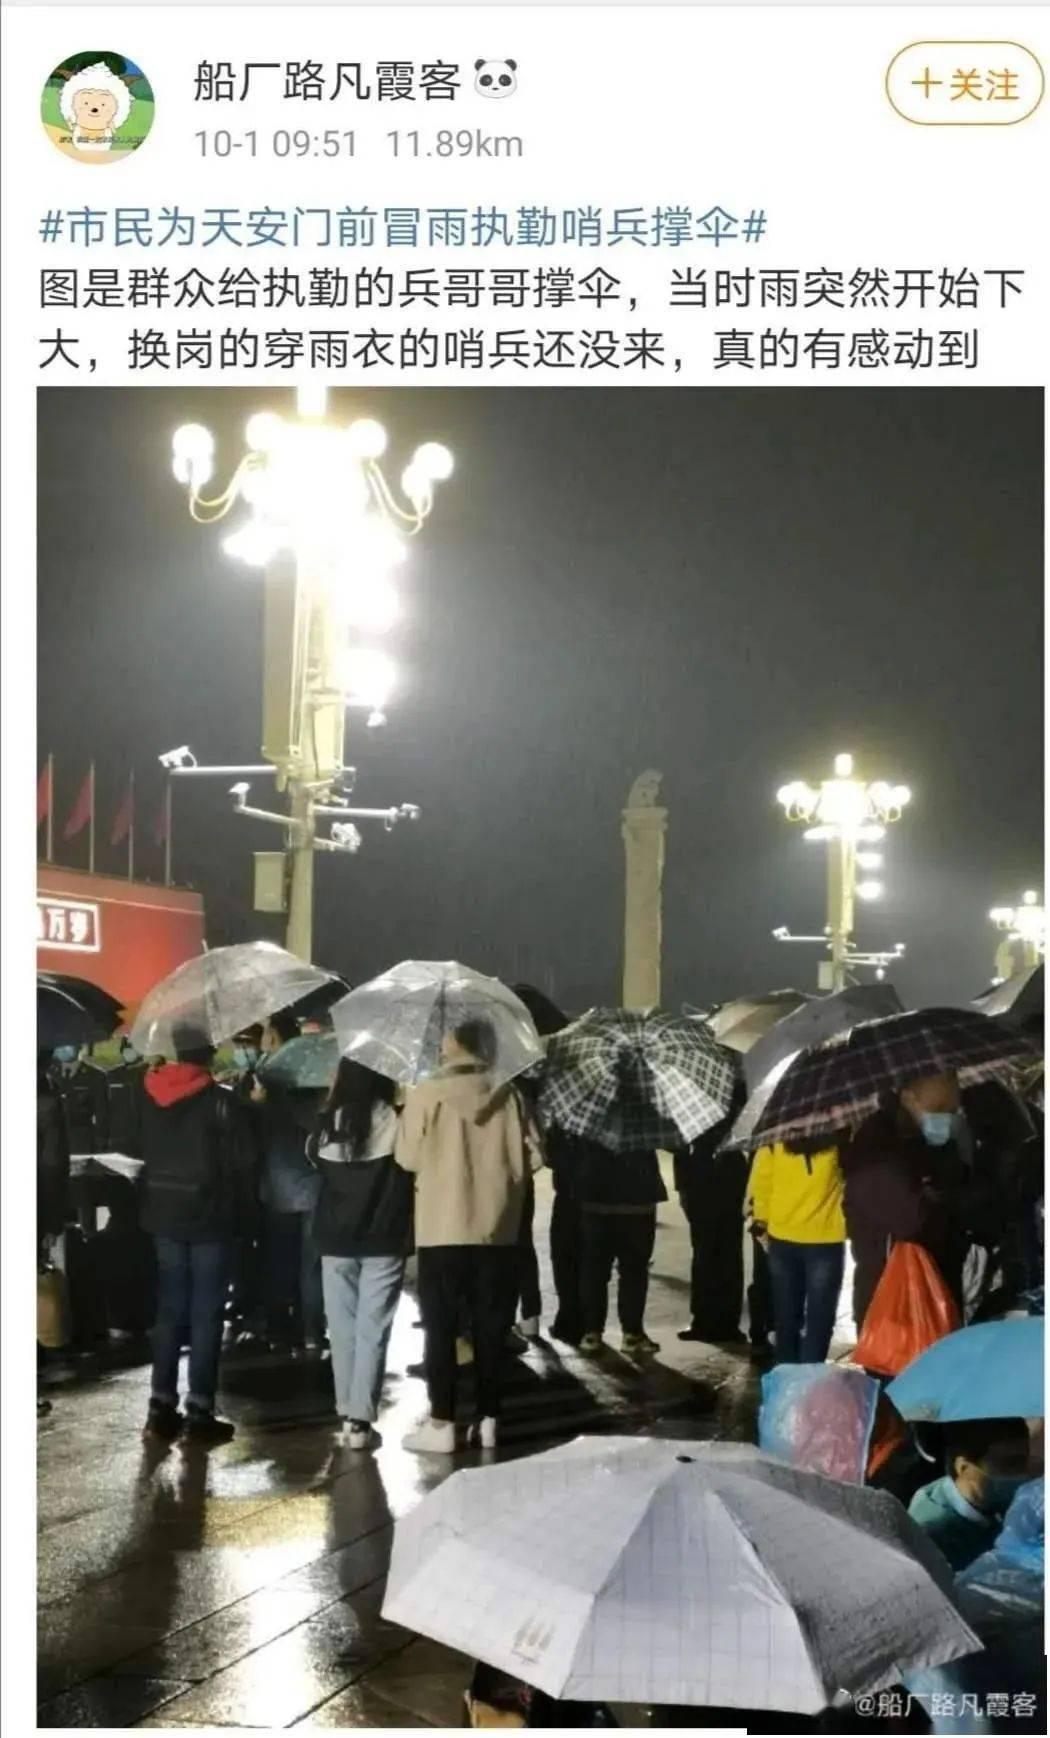 今天的天安门广场,这一幕刷屏!